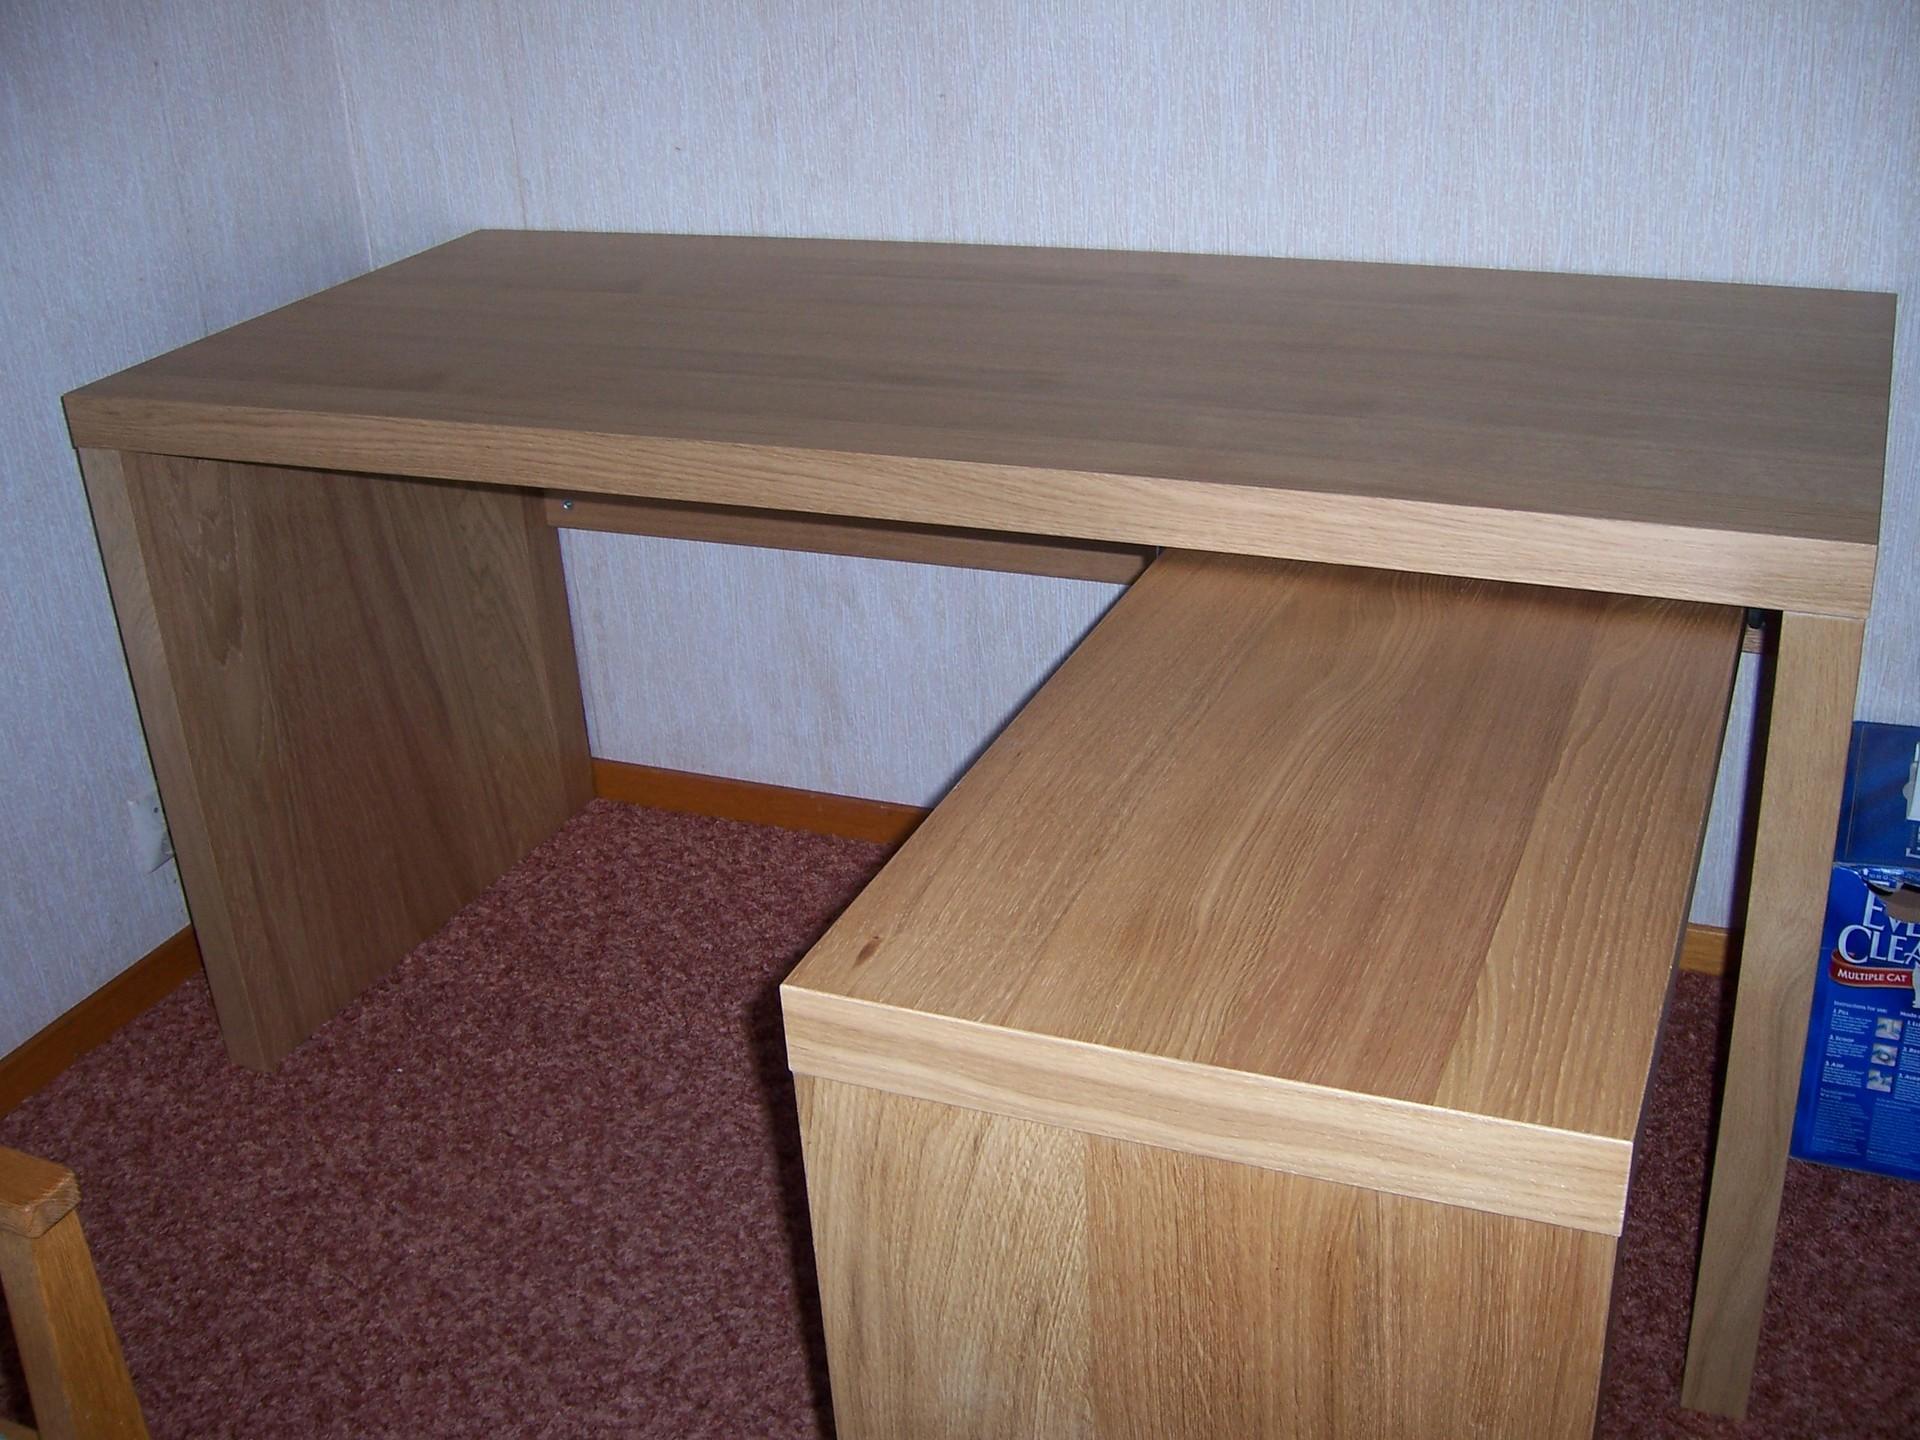 fantastisk-lille-desk-til-værelses-ikea-jonas-skrivebord